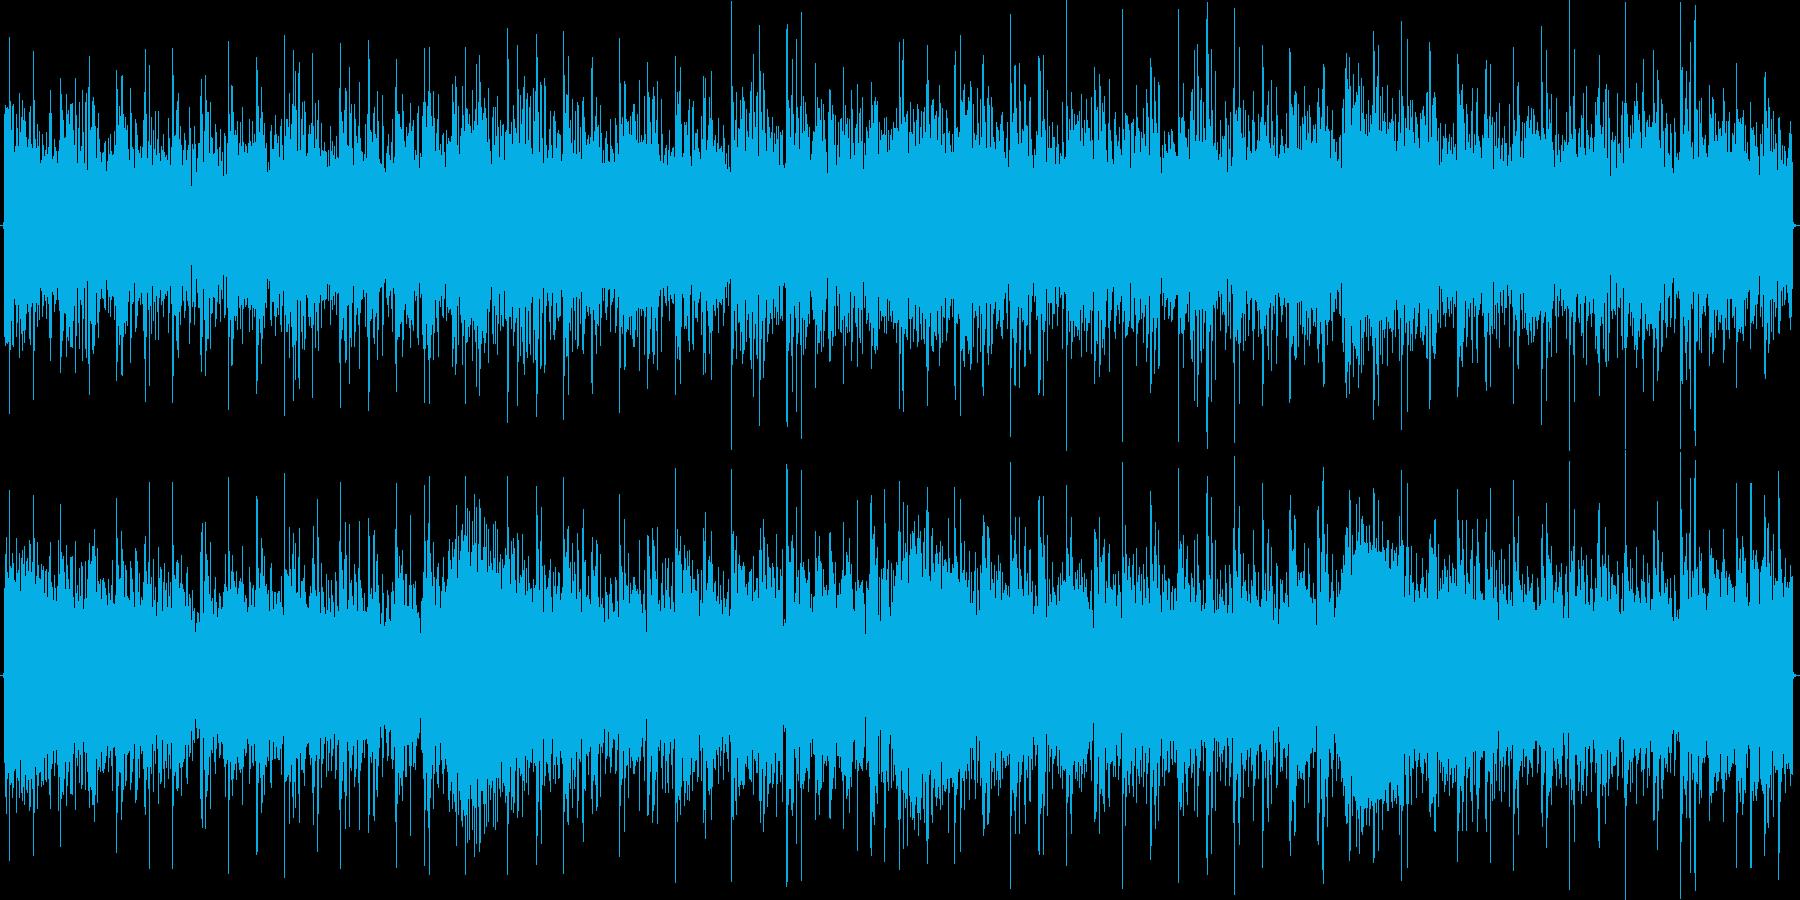 急いでる雰囲気のあるメタル風の曲の再生済みの波形